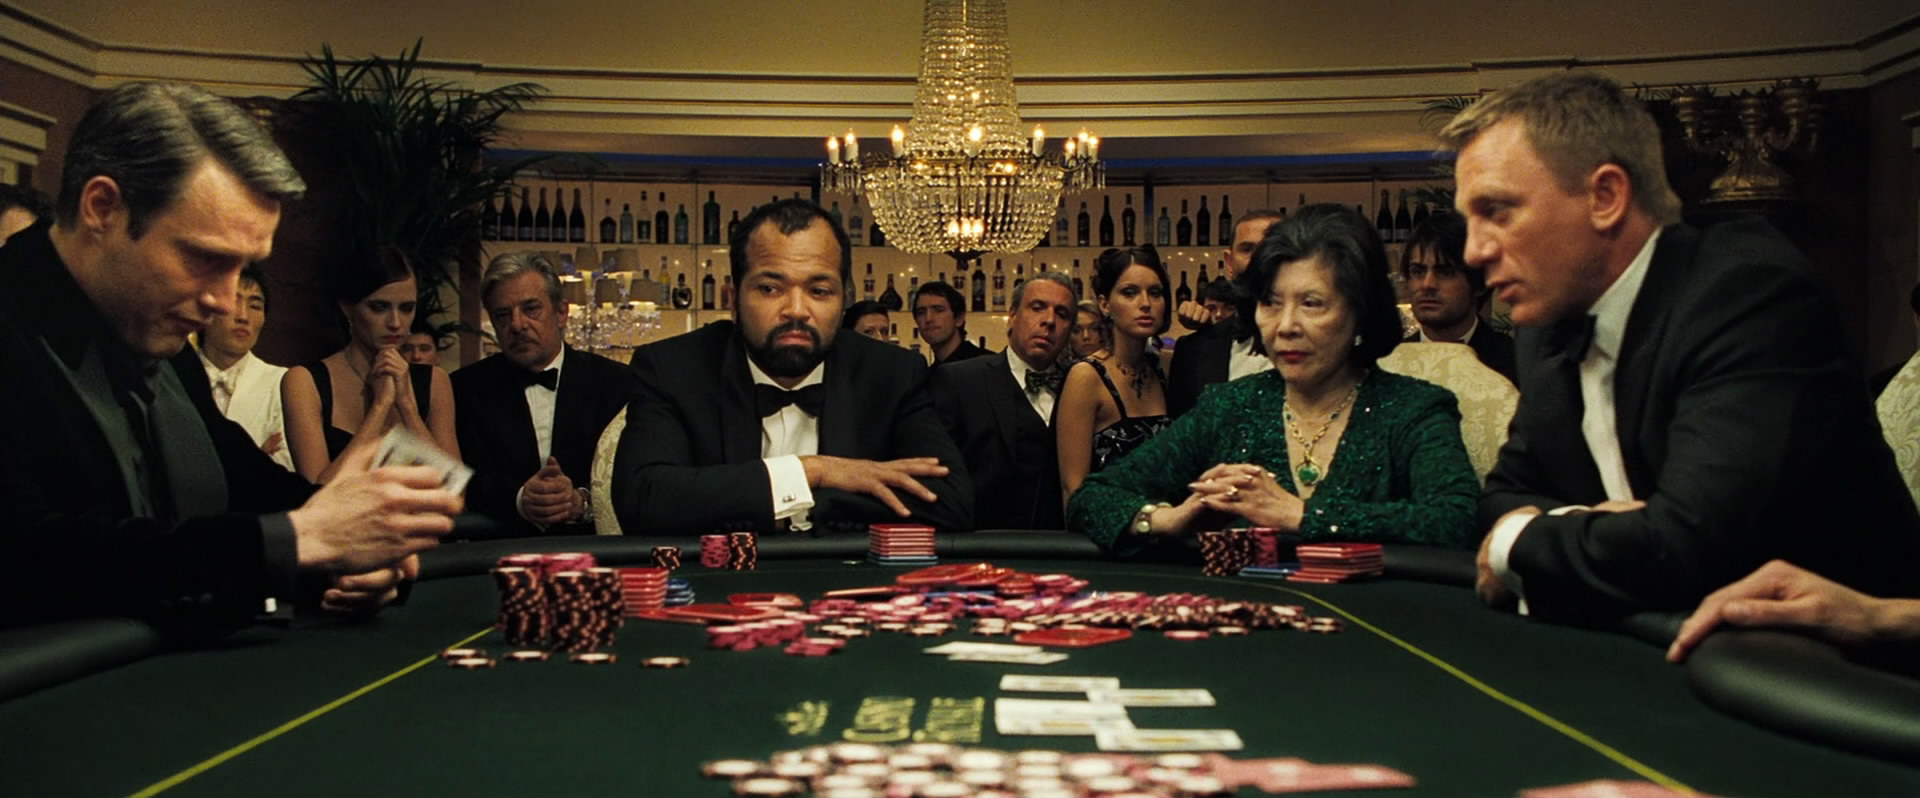 Вулкан казино киви